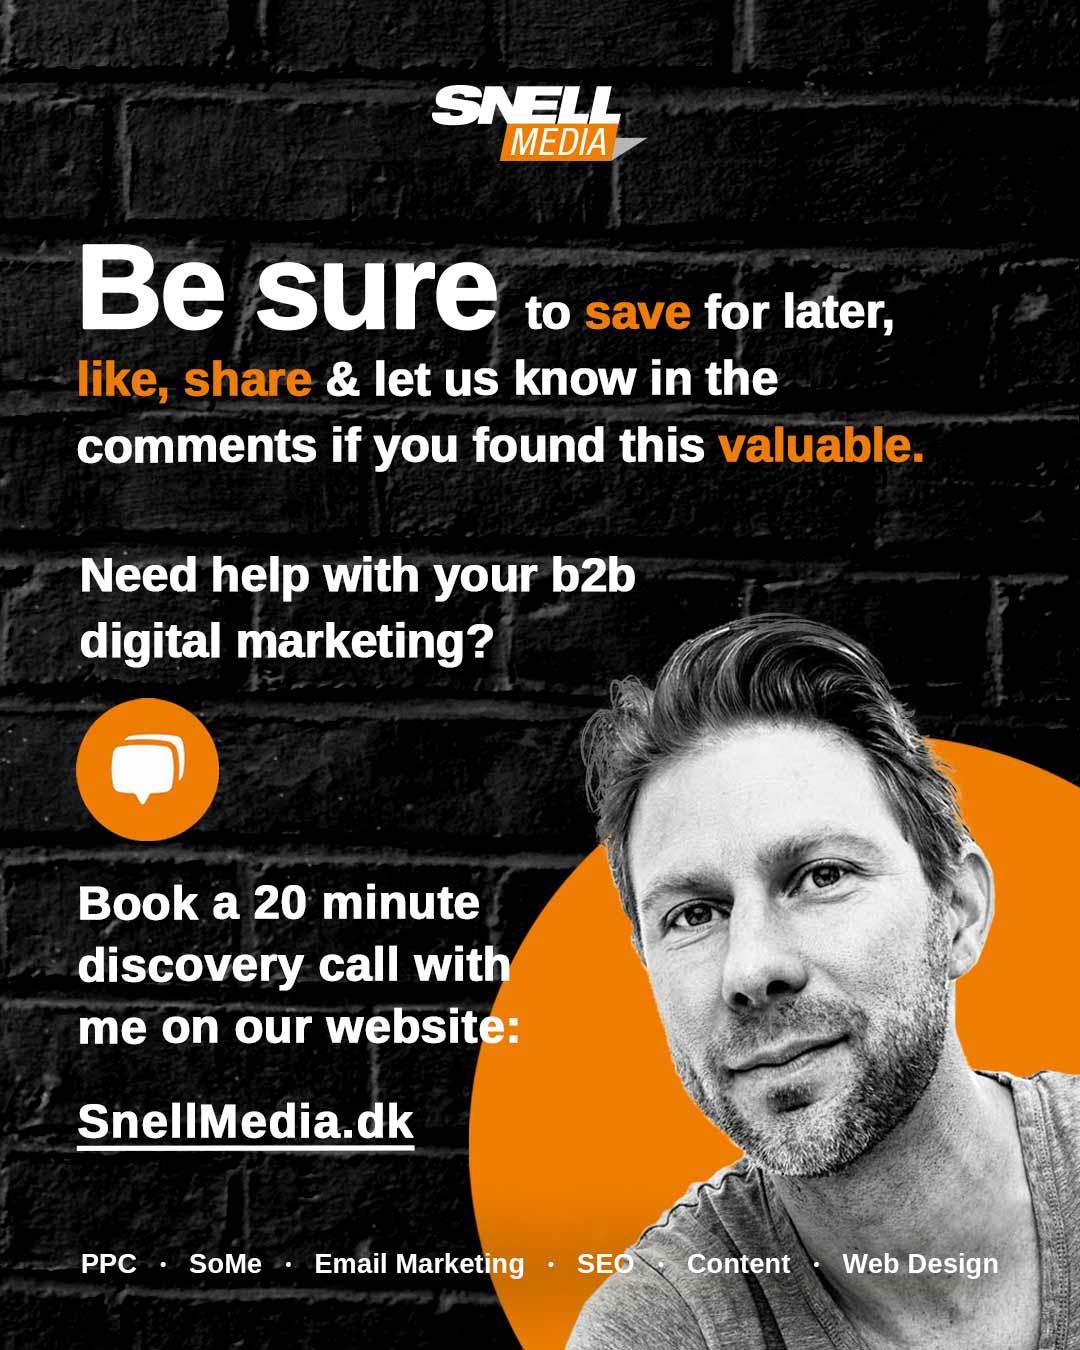 New B2B Digital Marketing Trends